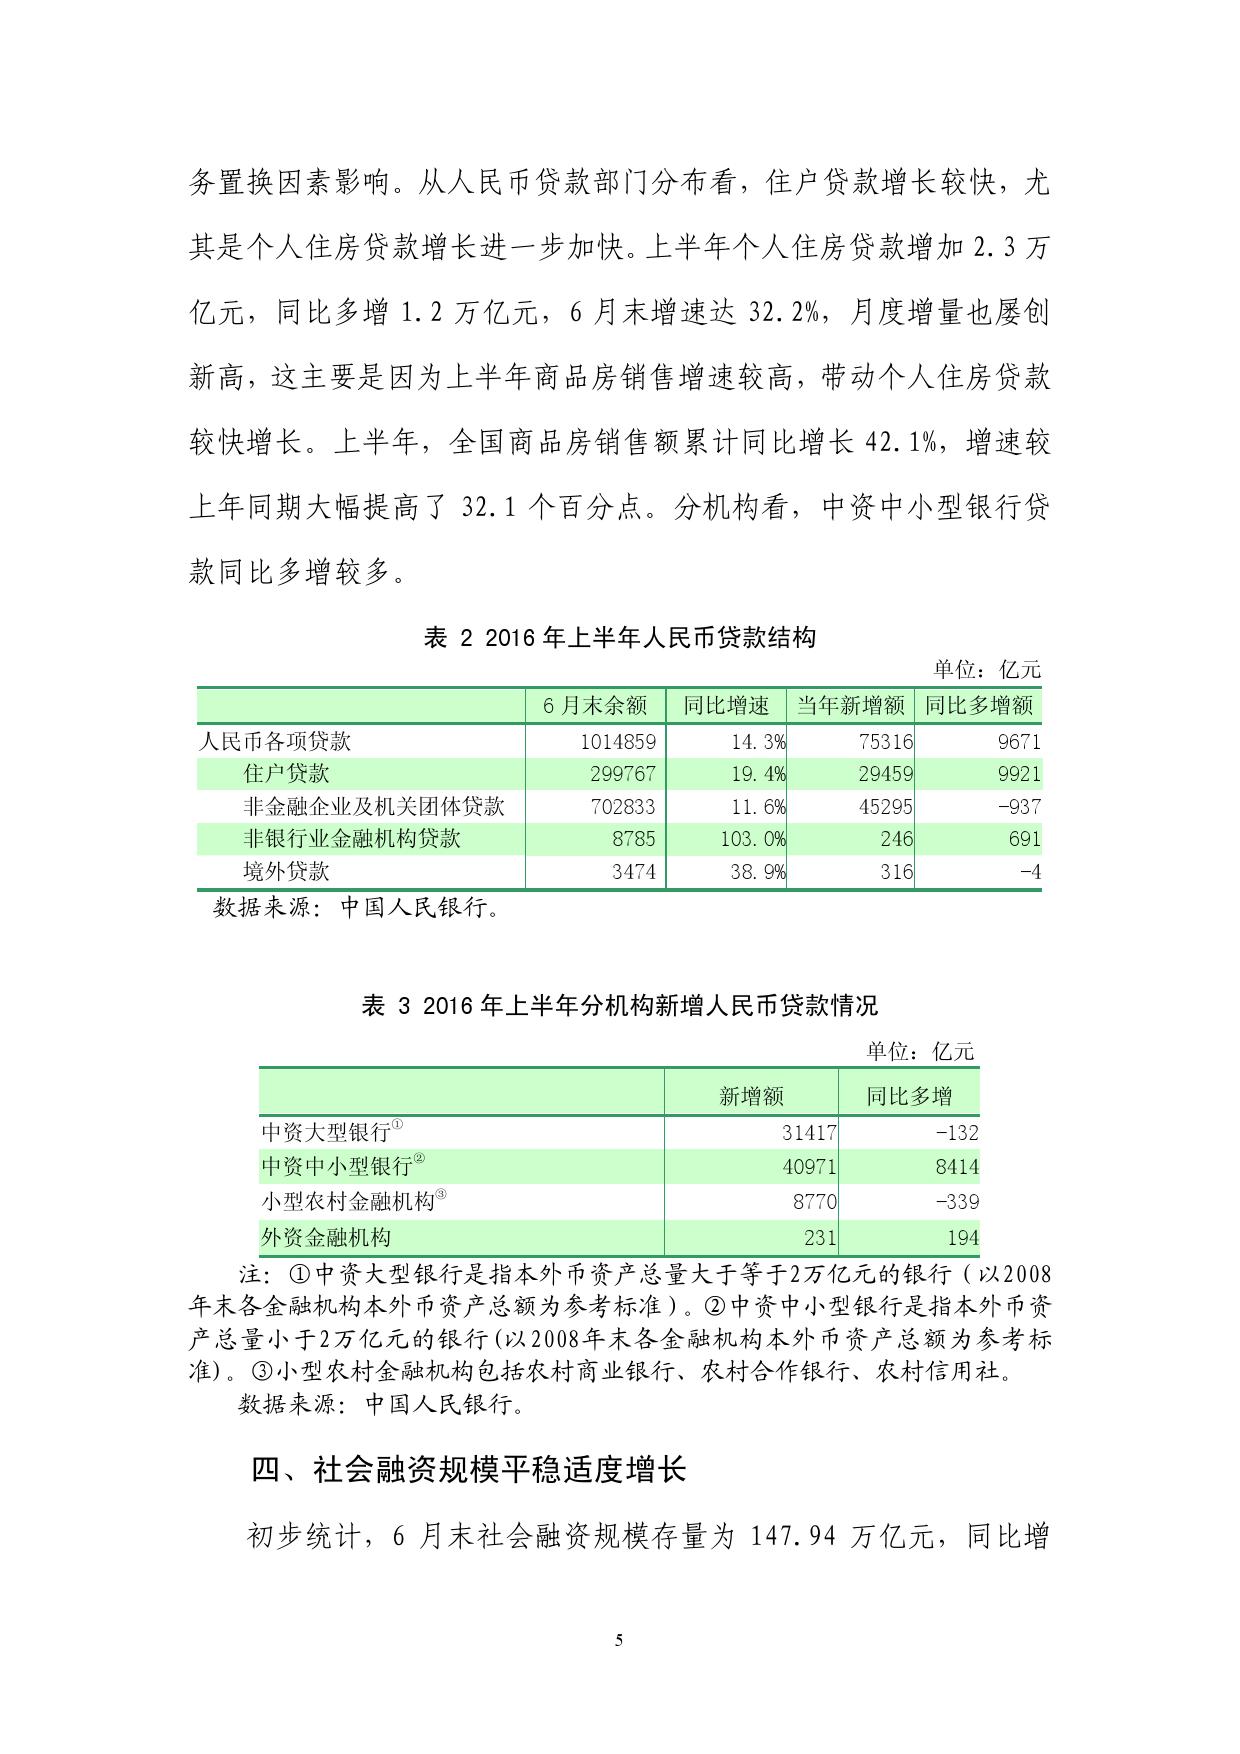 2016年Q2中国货币政策执行报告_000011